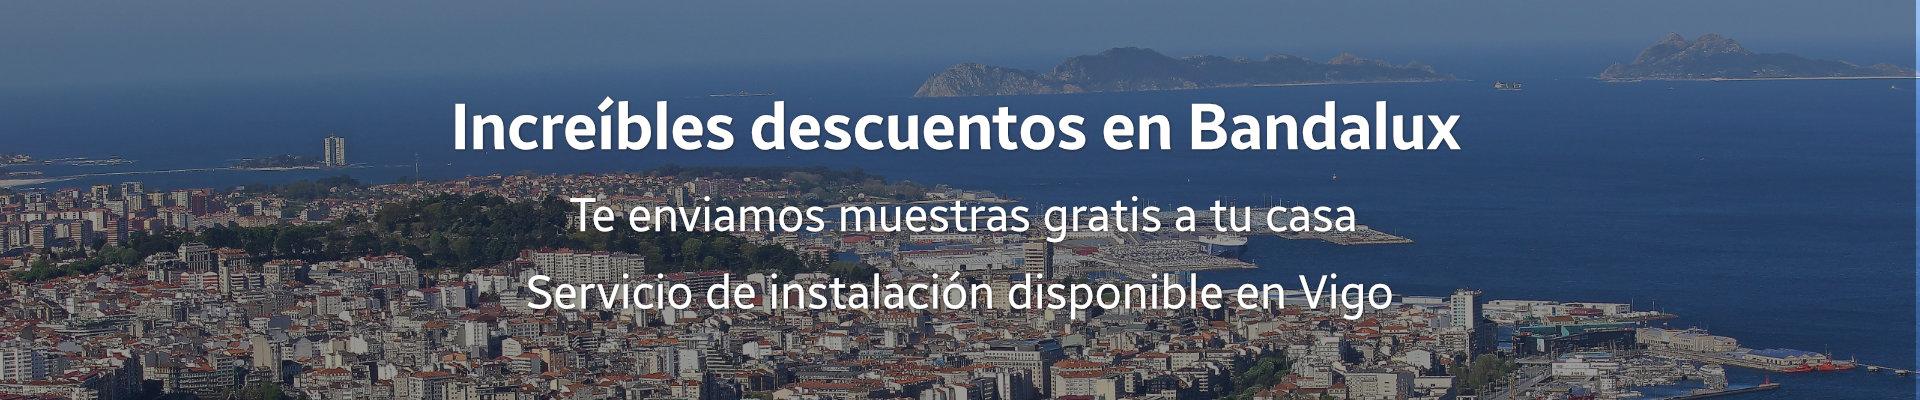 Grandes descuentos en Bandalux para Vigo